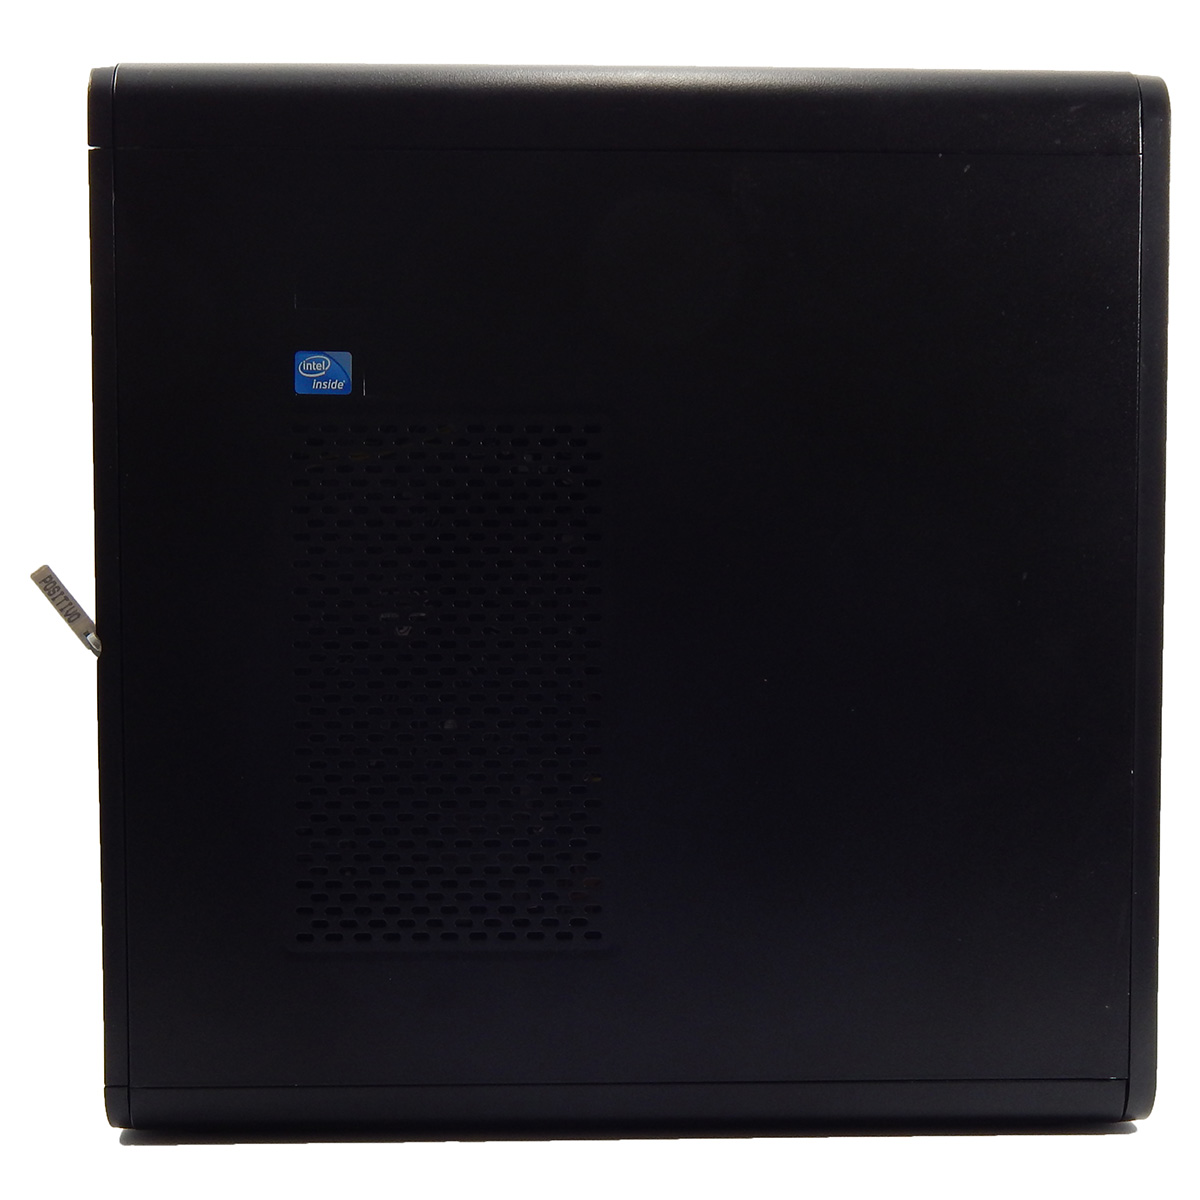 PC POSITIVO Premium PCTV K2970 Celeron 1007u 4Gb 500Gb DVD - Reembalado